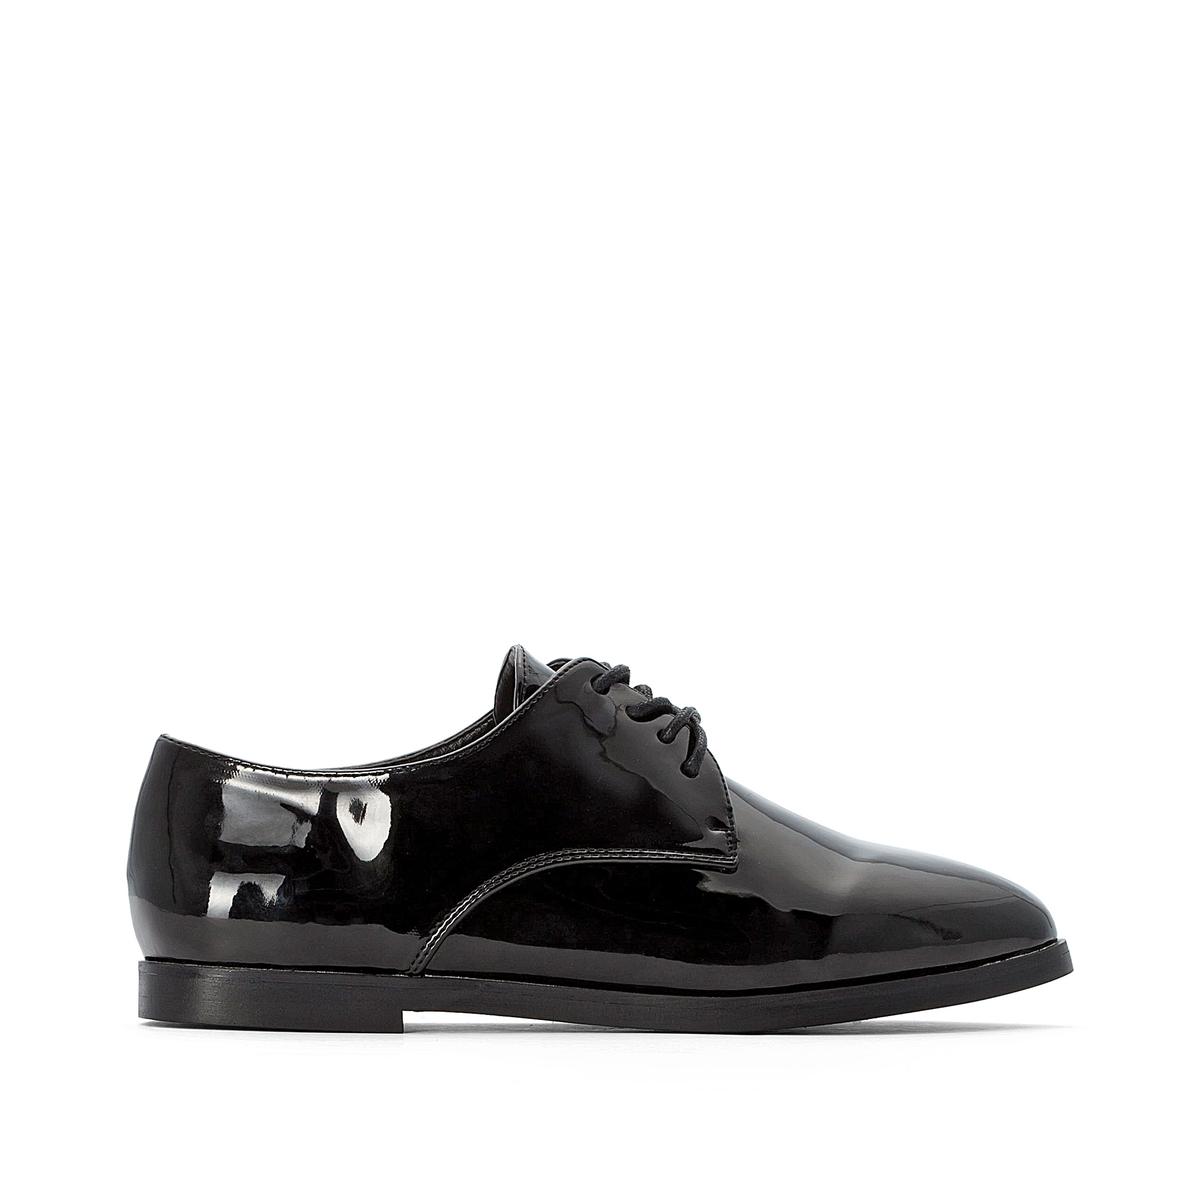 Ботинки-оксфорды La Redoute Лакированные на шнуровке 36 черный